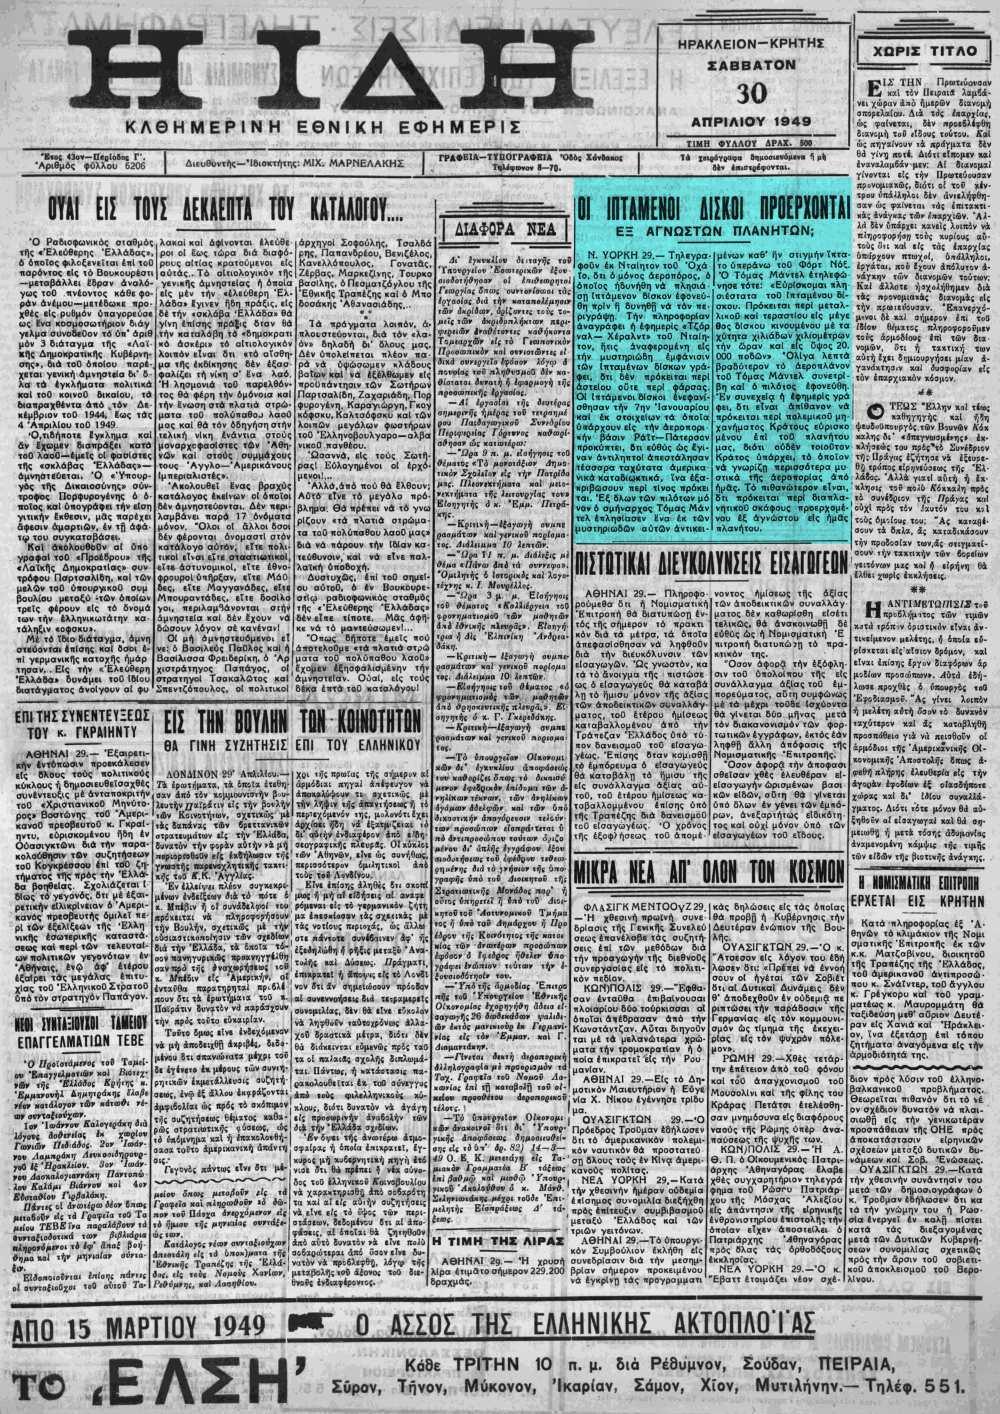 """Το άρθρο, όπως δημοσιεύθηκε στην εφημερίδα """"Η ΙΔΗ"""", στις 30/04/1949"""